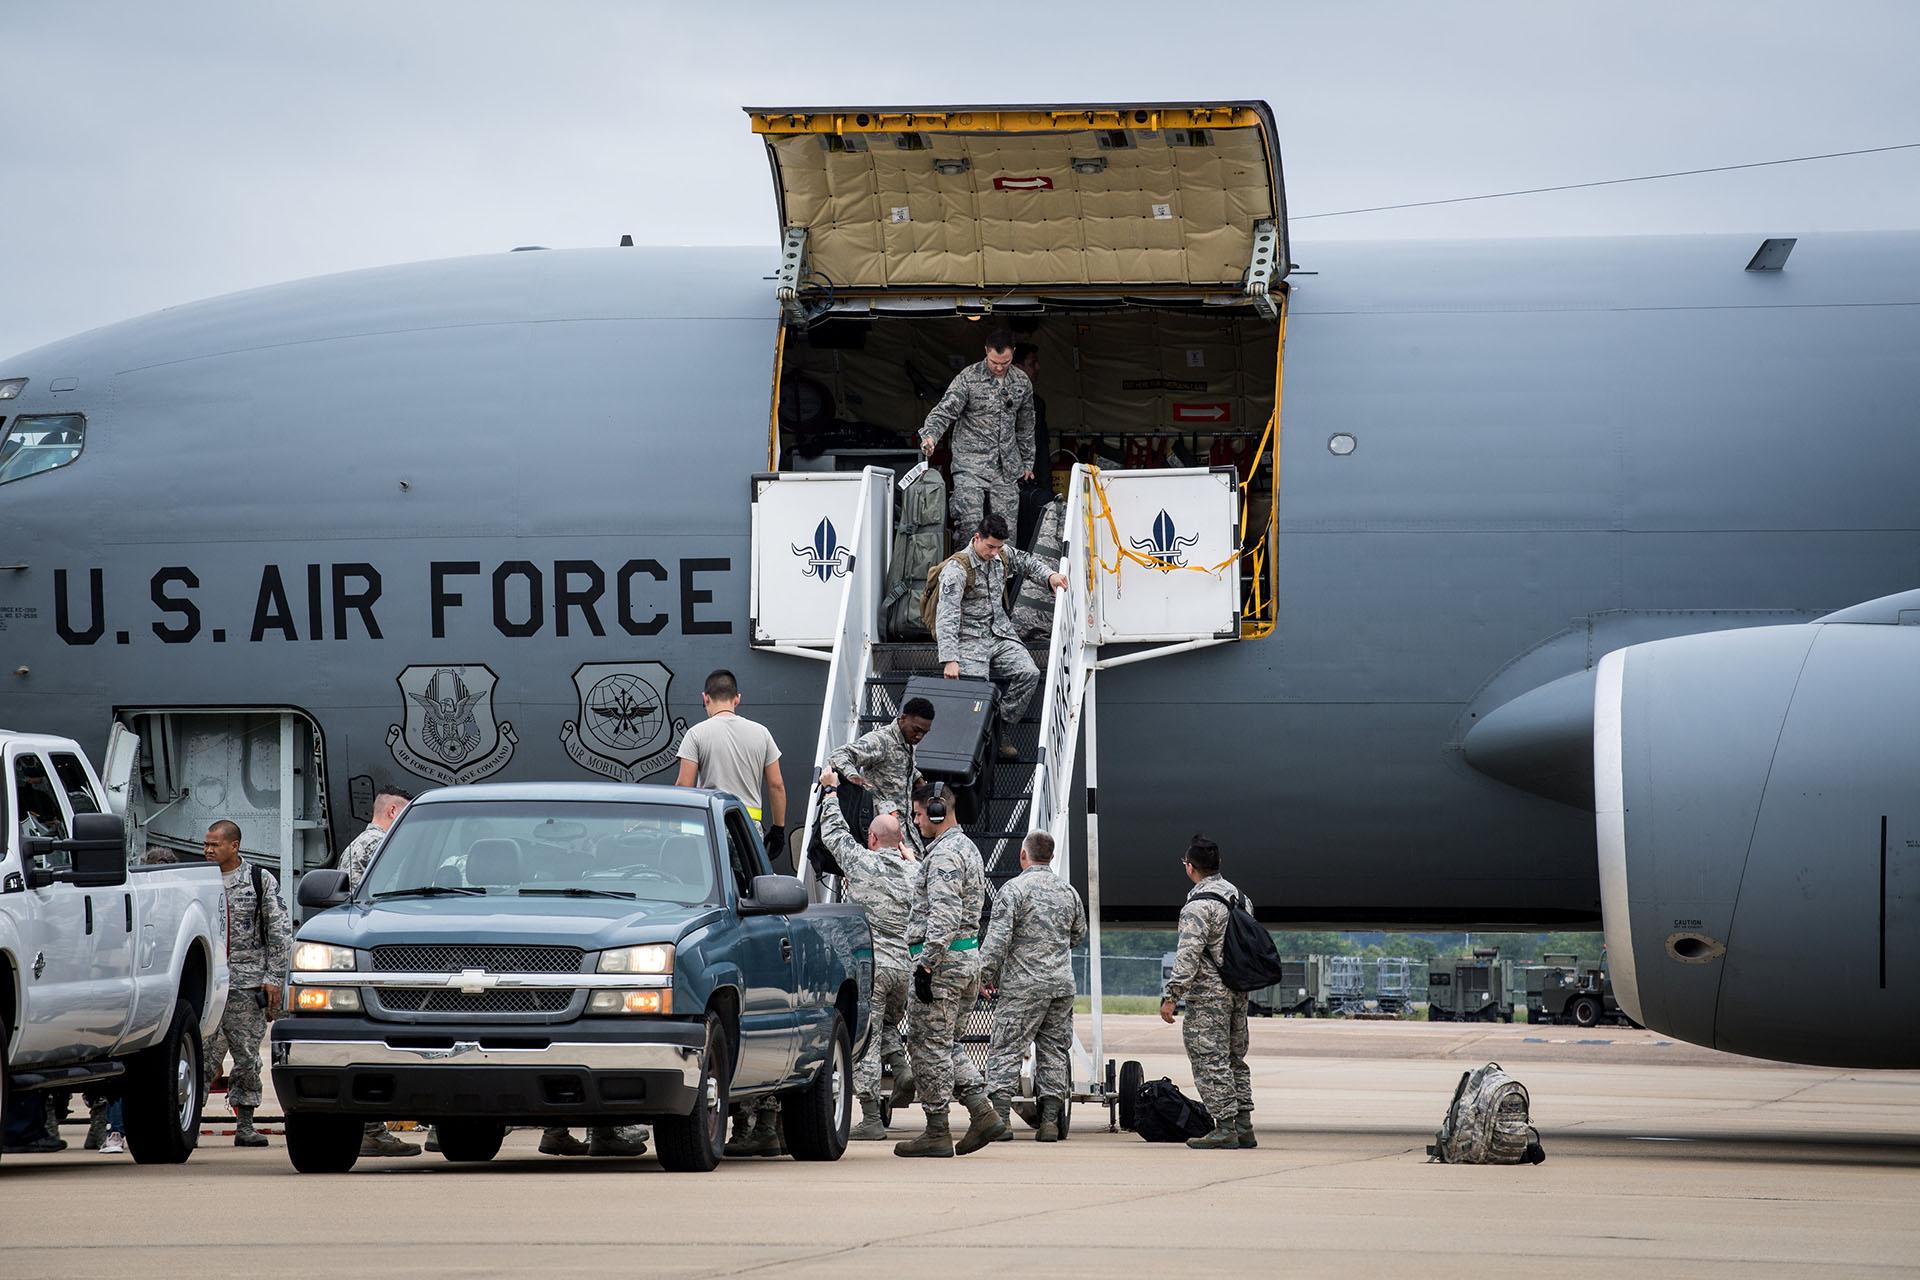 El personal de la Fuerza Aérea estadounidense de la Base Aérea Seymour Johnson, Carolina del Norte, llega durante una evacuación antes del huracán Florence, en la Base de la Fuerza Aérea Barksdale, Luisiana (Fuerza Aérea de EEUU, Sydney Campbell/Handout via REUTERS)